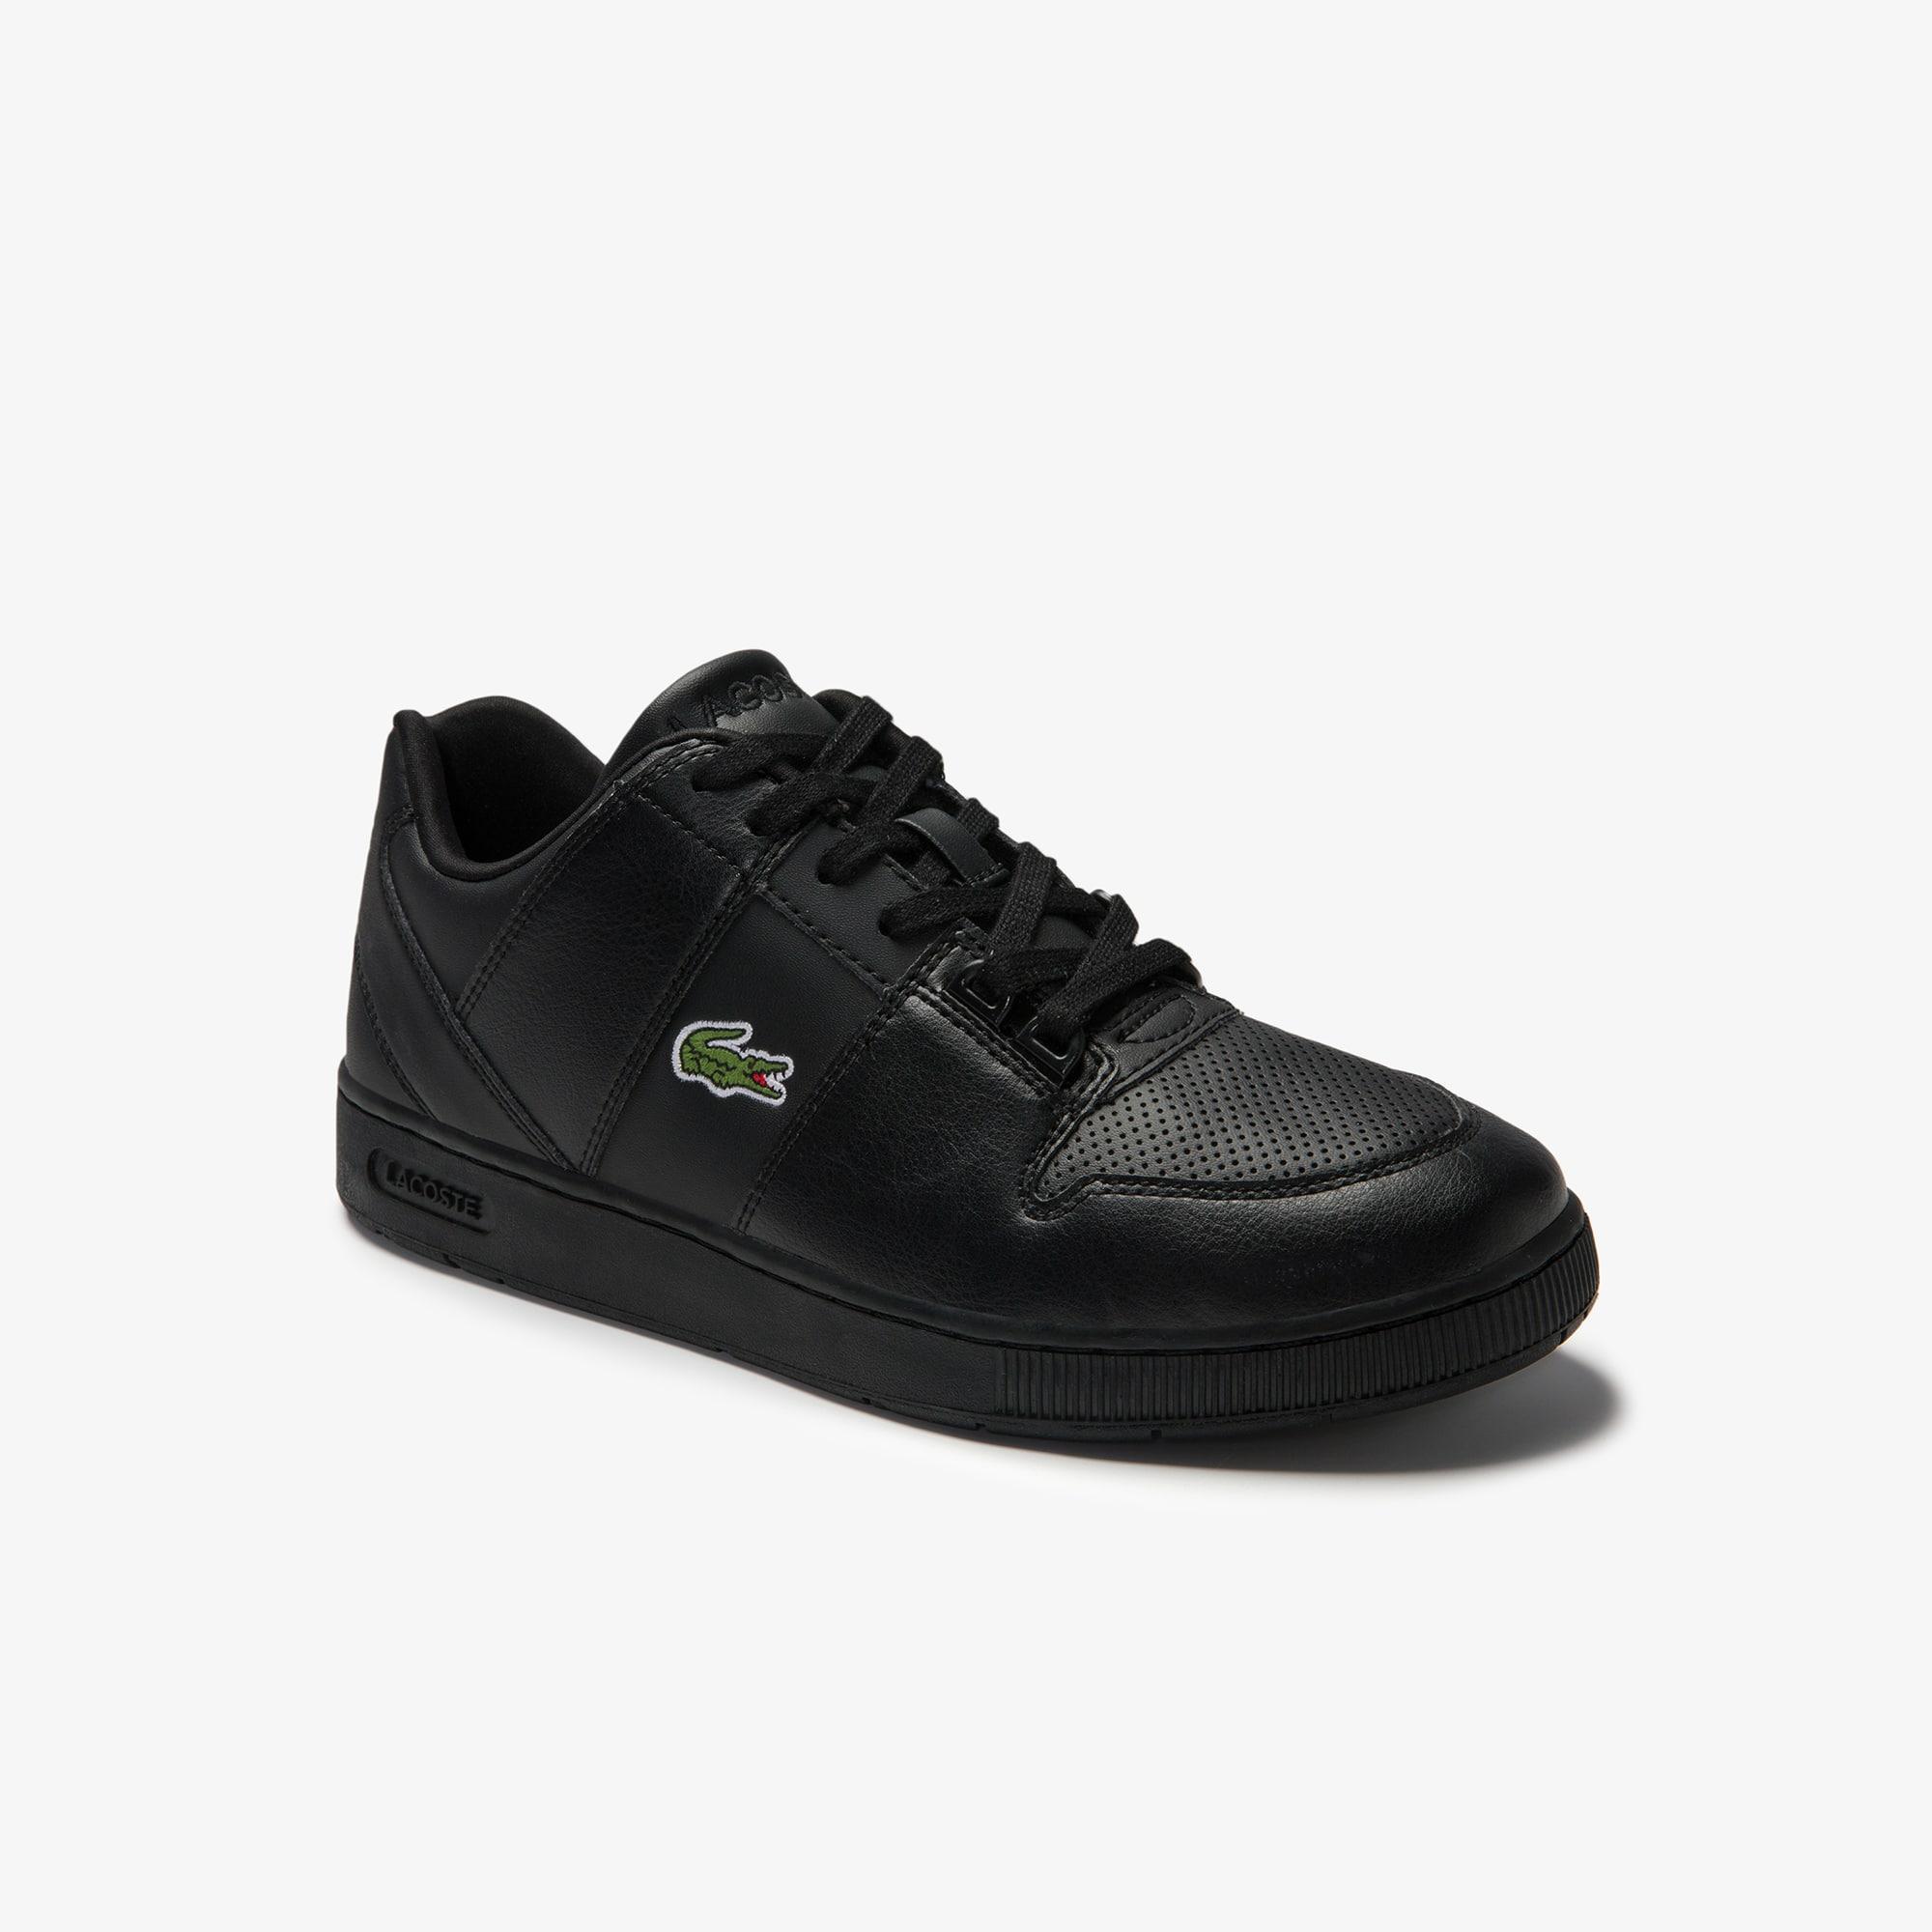 حذاء رياضي من مواد صناعية مثقبة مجموعة Thrill للصغار